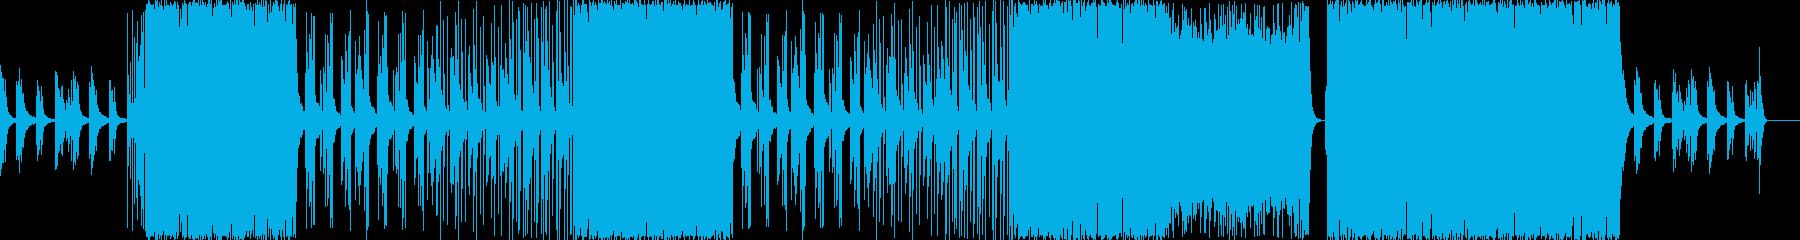 映画エンディング風/ピアノ/オーケストラの再生済みの波形